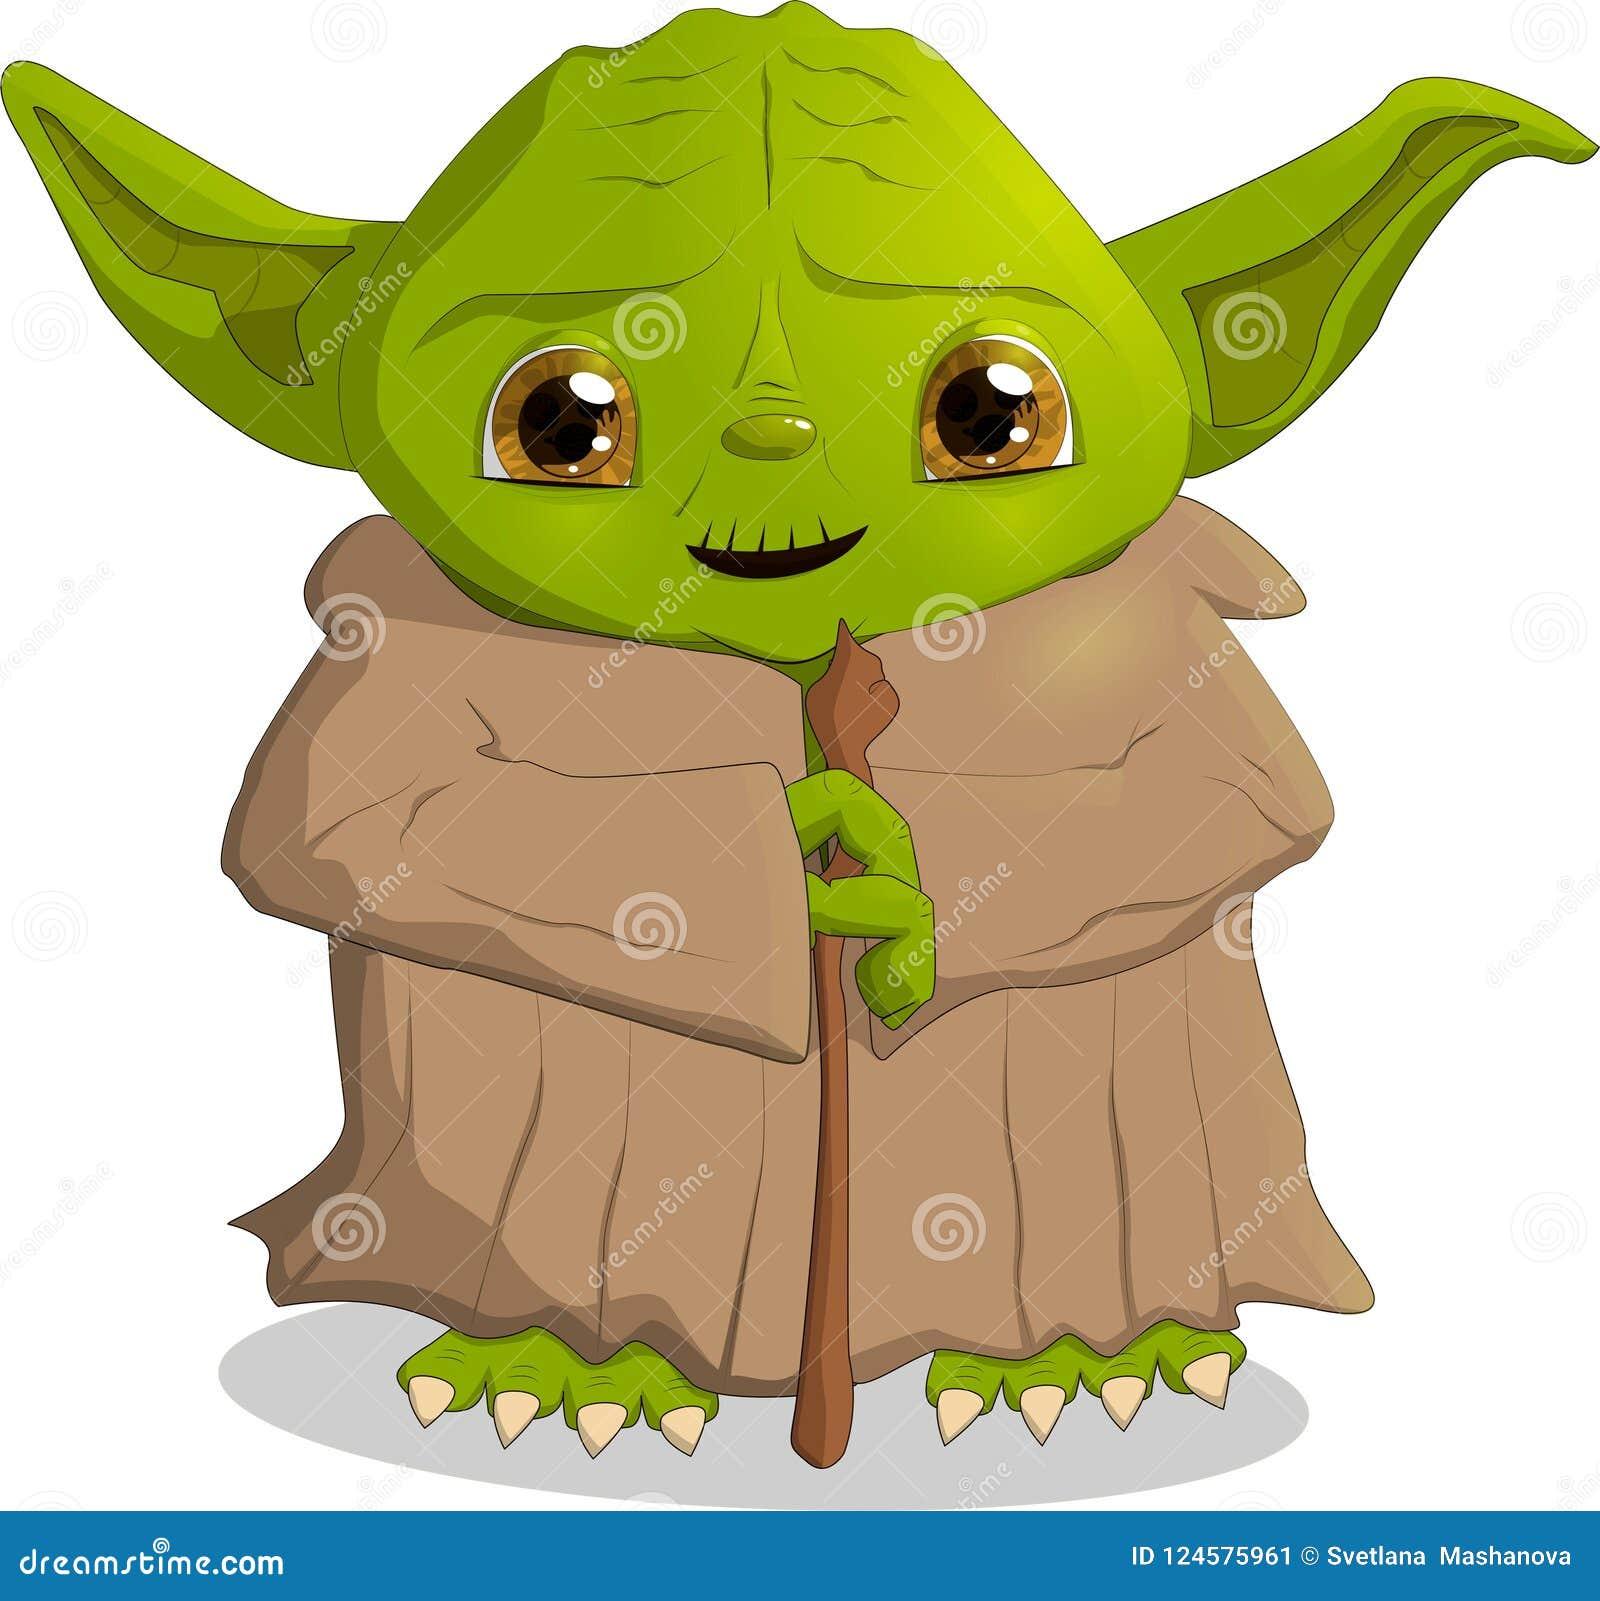 Ein Charakter von den Film Kriegen der Sterne, Yoda, Vektor des Formats ENV 10